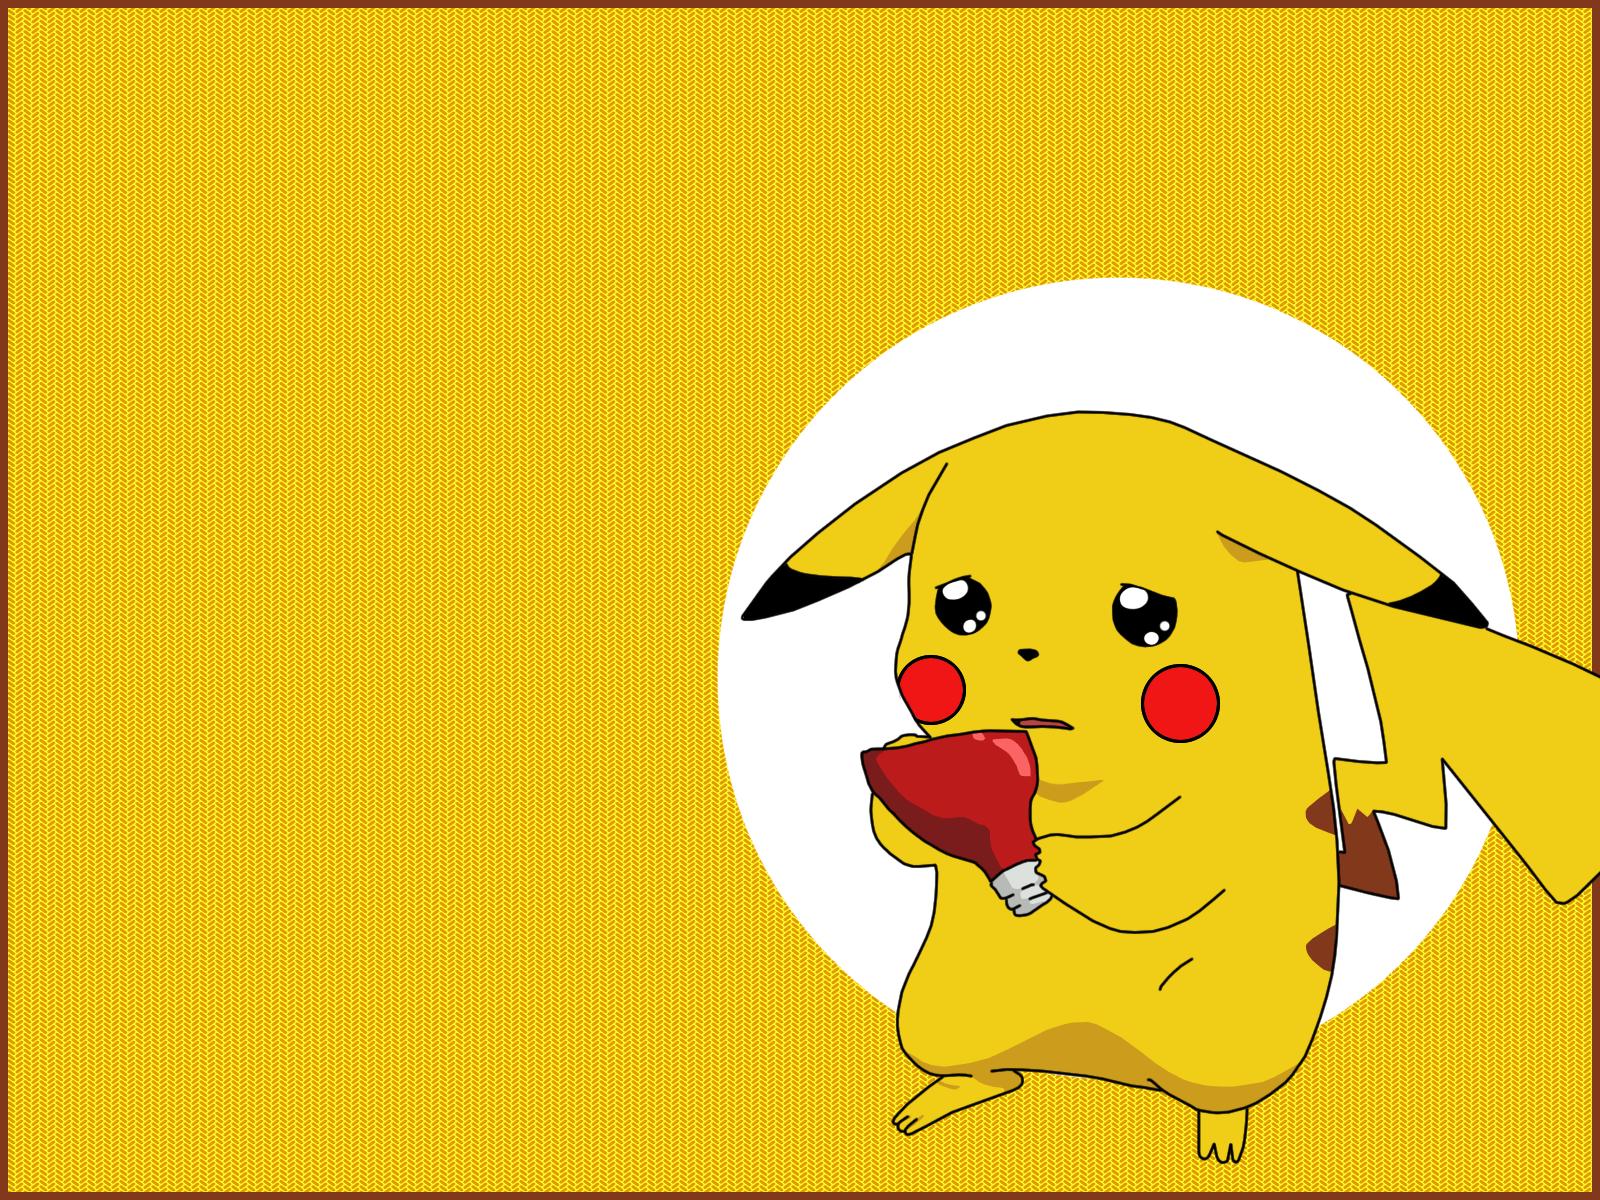 pikachu pokemon wallpaper - photo #9